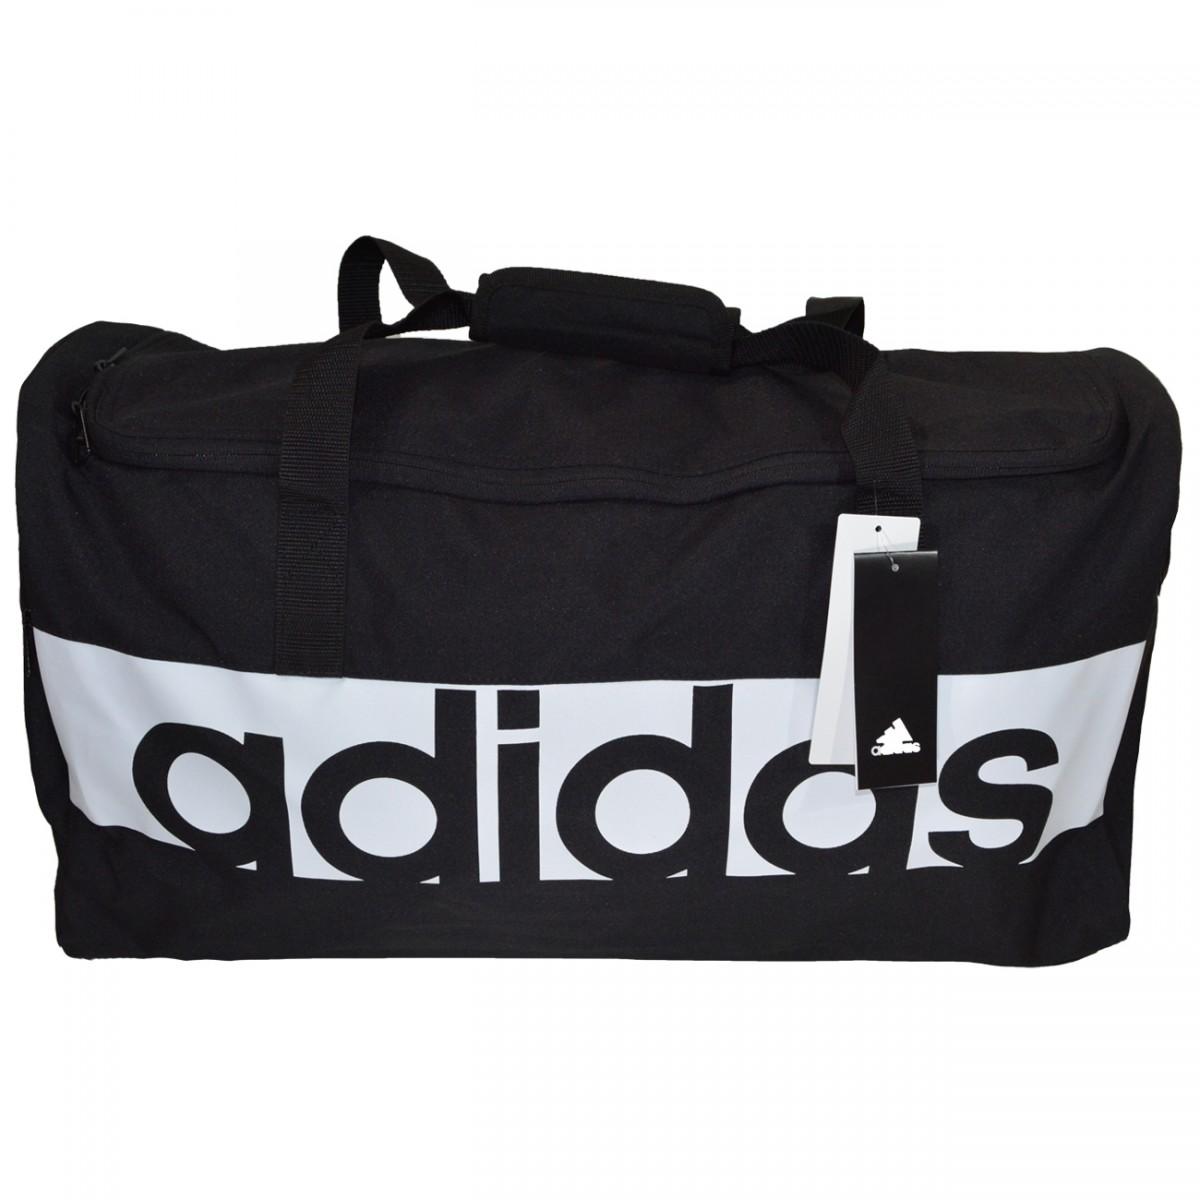 4232c95e6 Bolsa Adidas Lin Per TB M S99959 - Preto/Branco - Chuteira Nike, Adidas.  Sandalias Femininas. Sandy Calçados